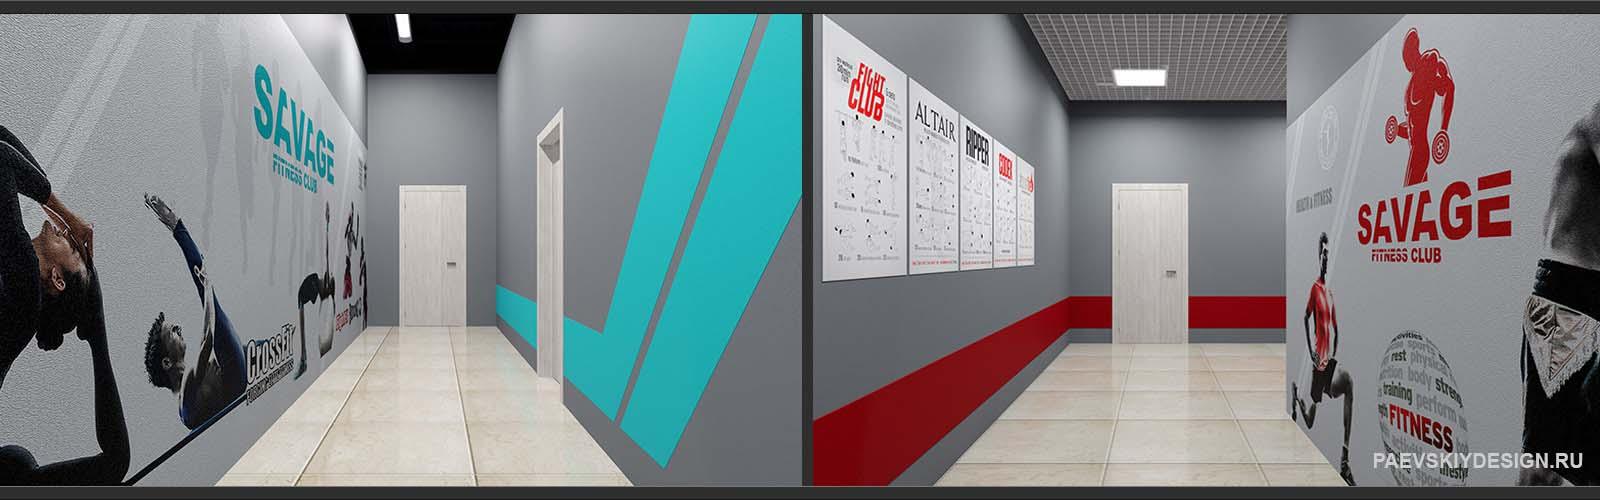 Оформление коридоров фитнес клуба